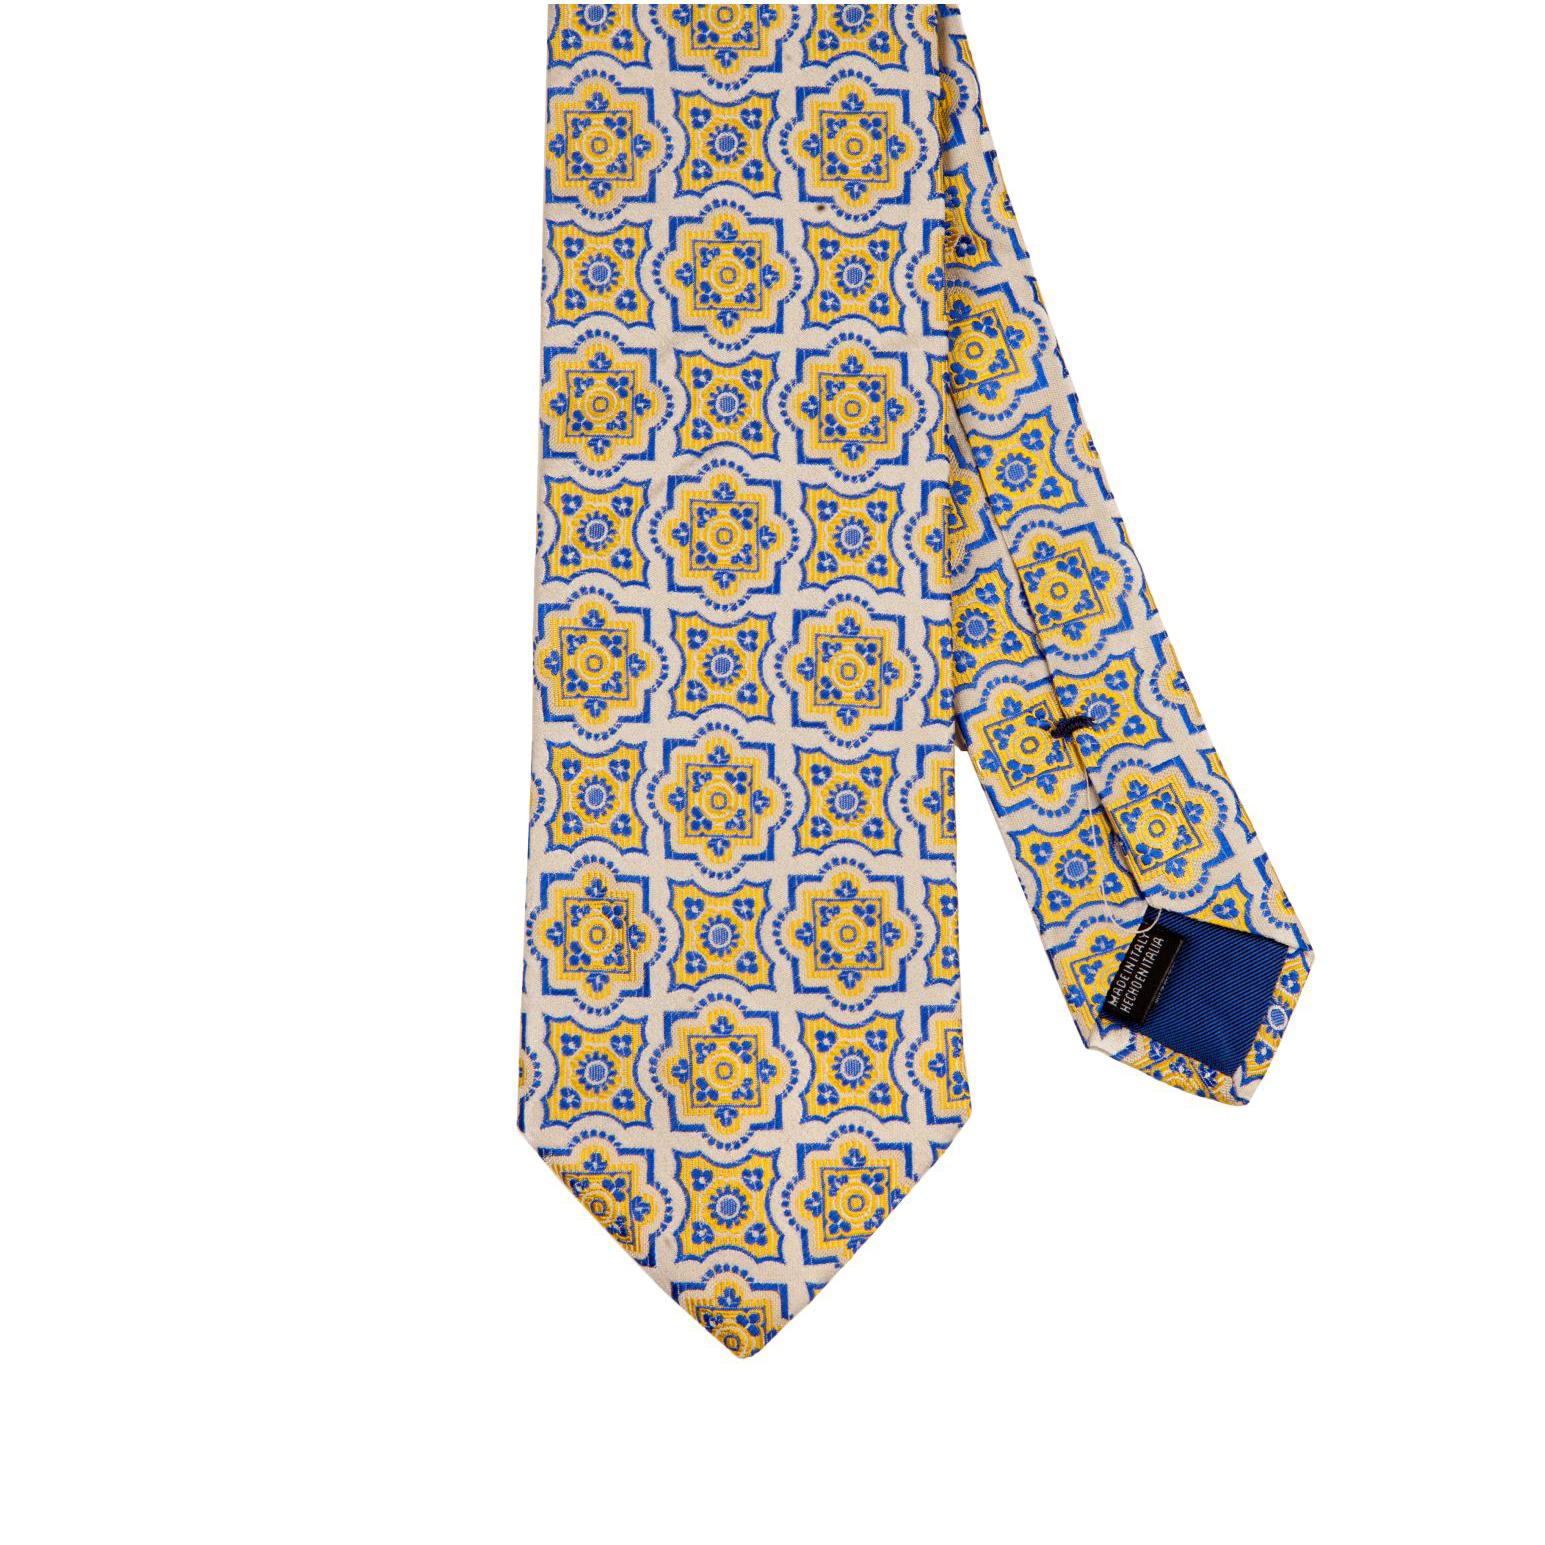 Corbata de SOLOiO (39,90 euros).